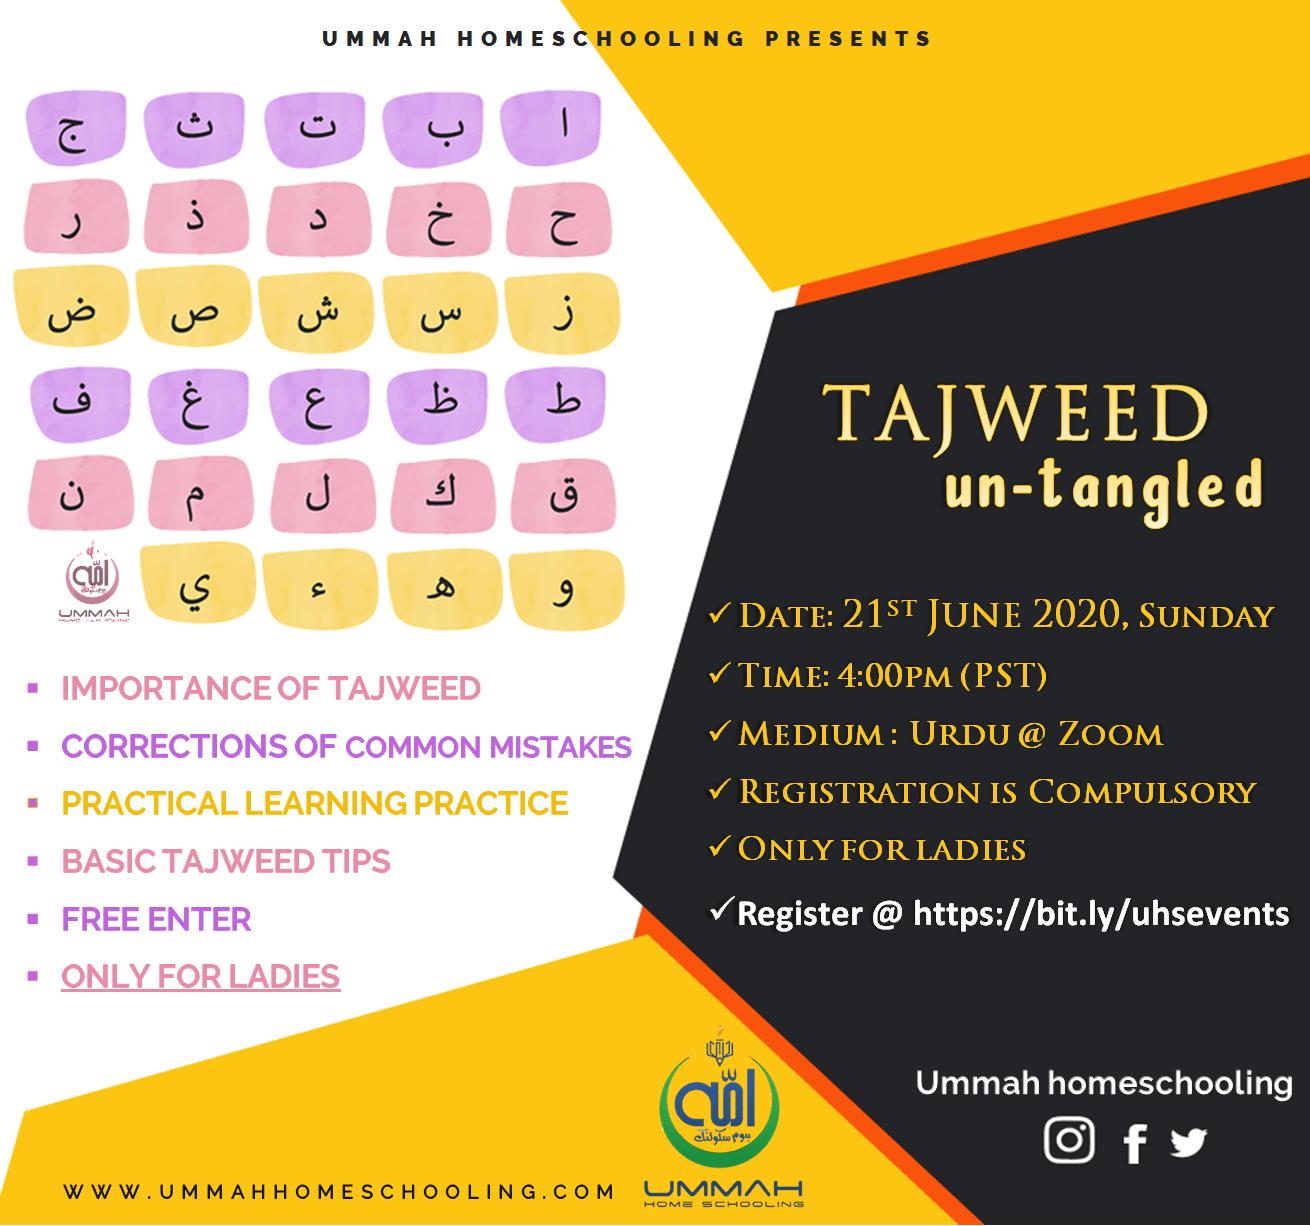 Tajweed Un Tangled Ummah Homeschooling